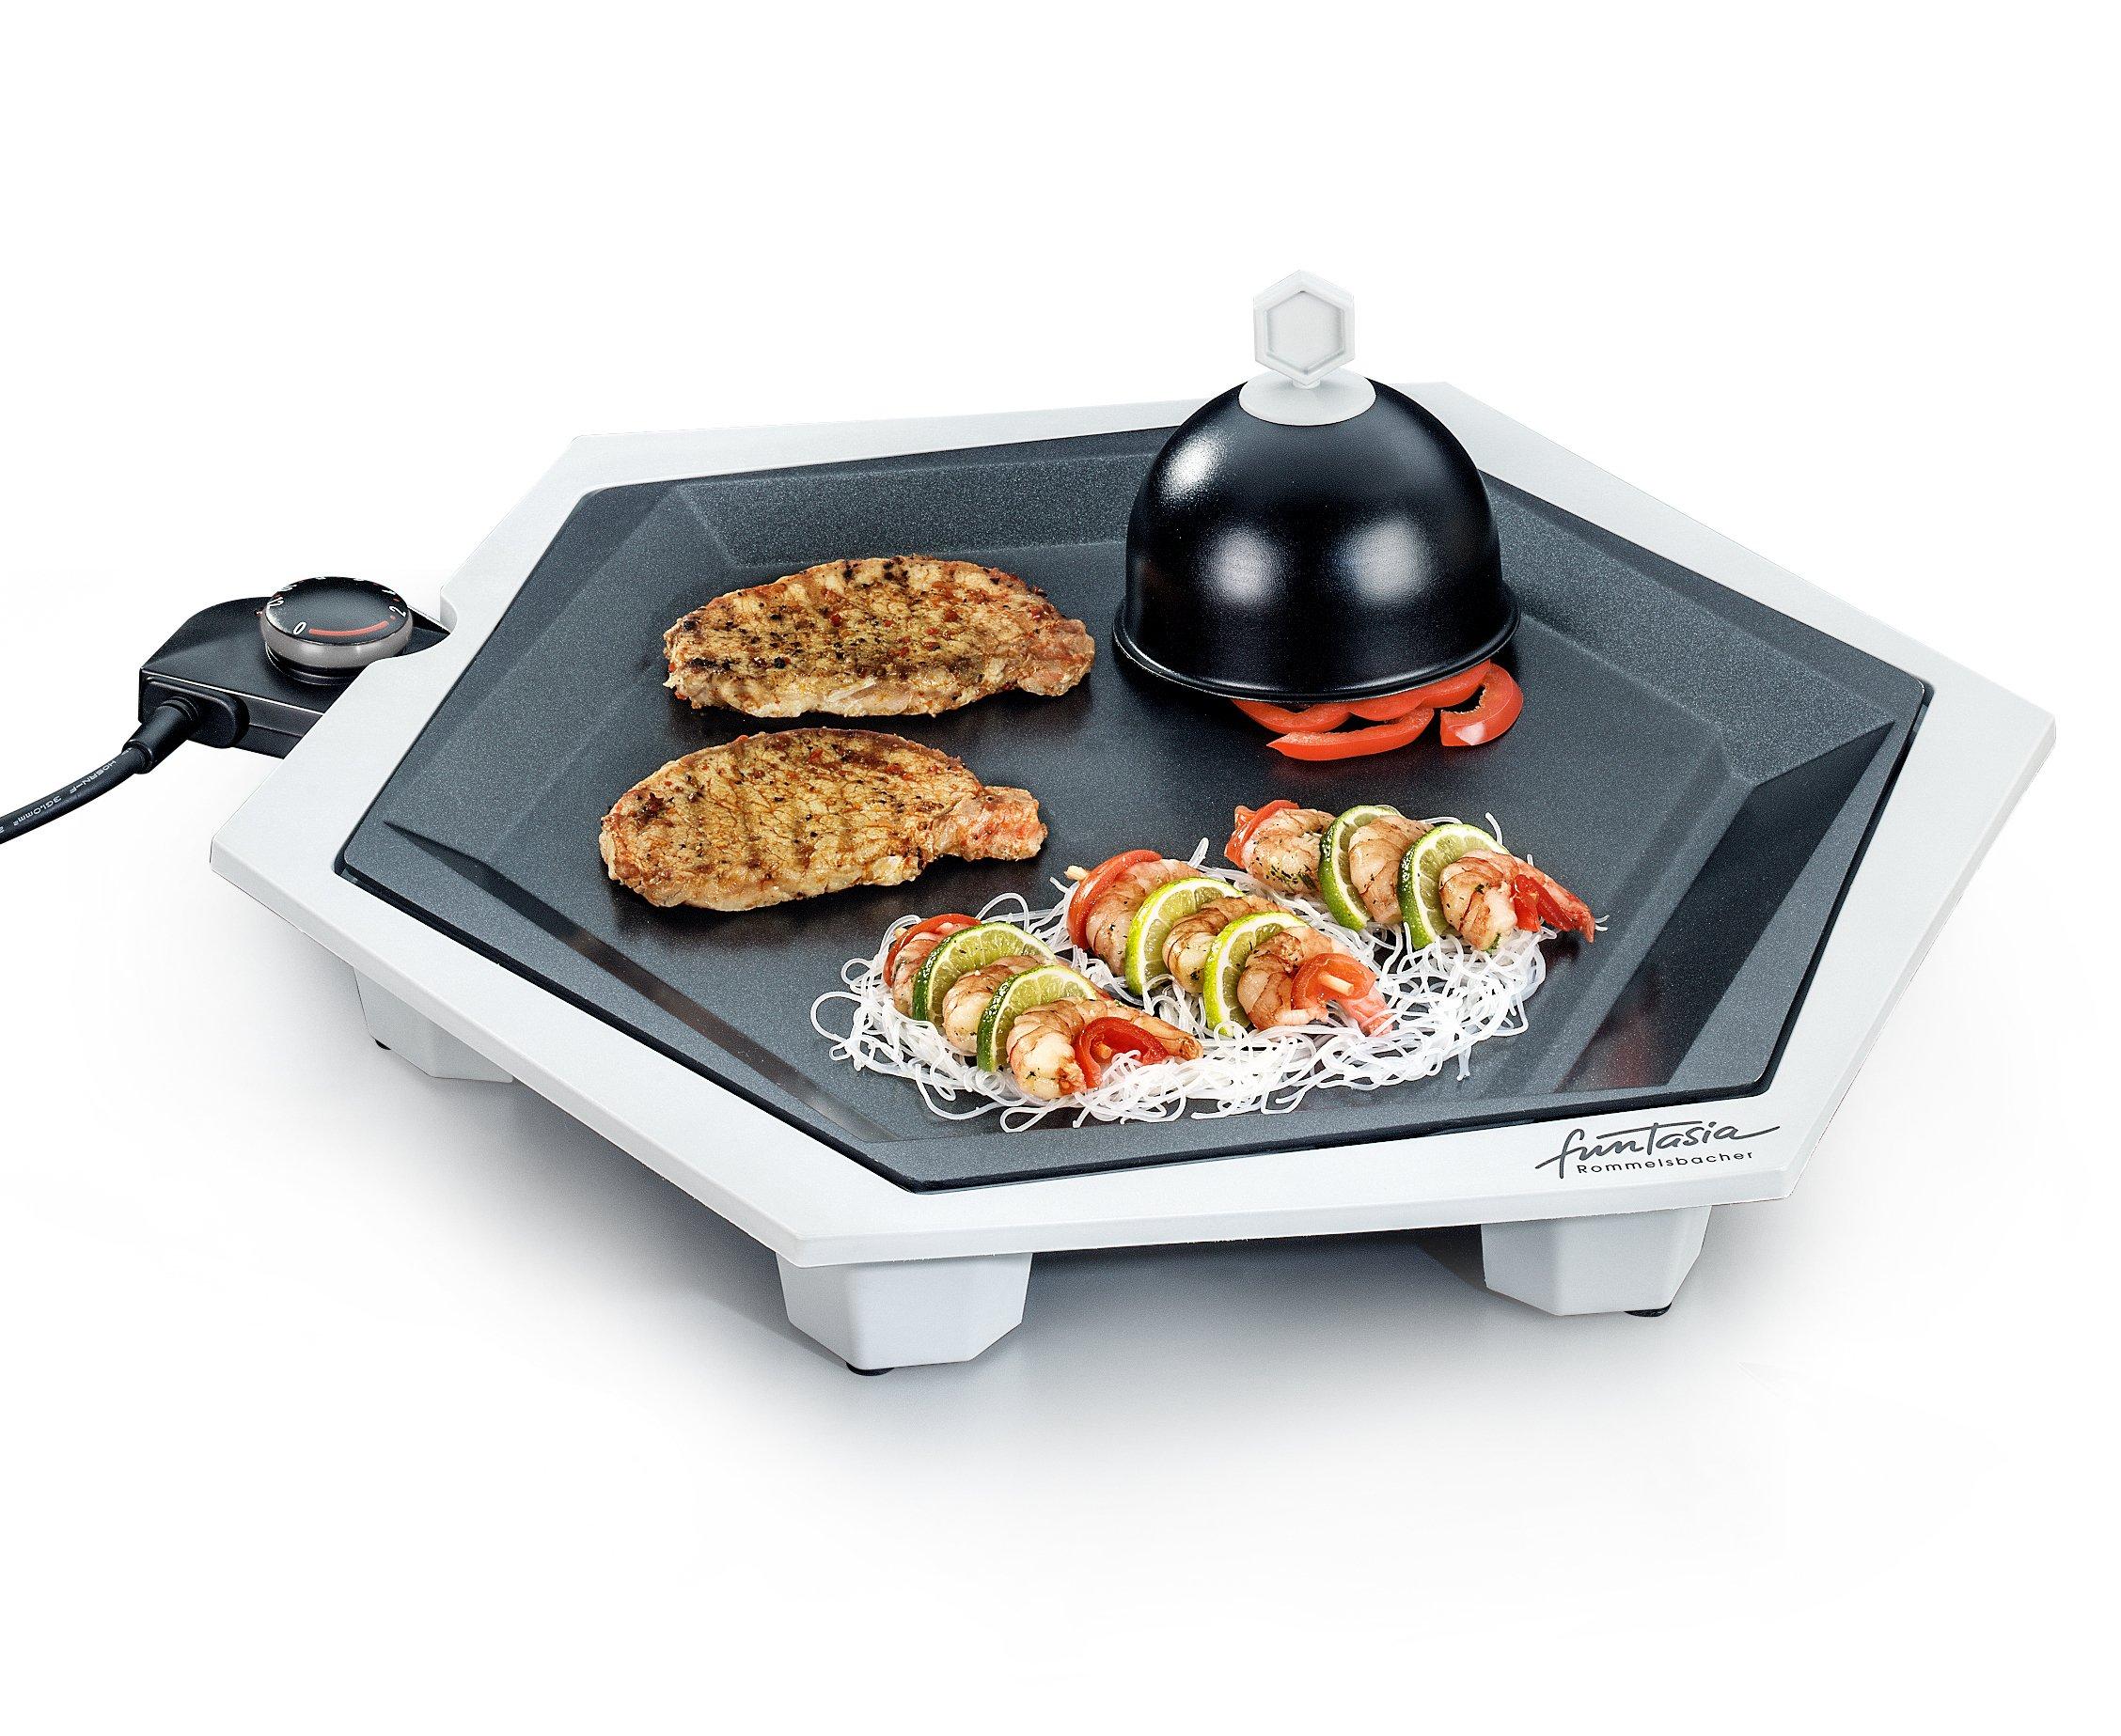 Full Size of Grillplatte Küche Am Besten Bewertete Produkte In Der Kategorie Teppanyaki Grills L Mit Elektrogeräten Lampen Was Kostet Eine Einbauküche Kaufen Küche Grillplatte Küche